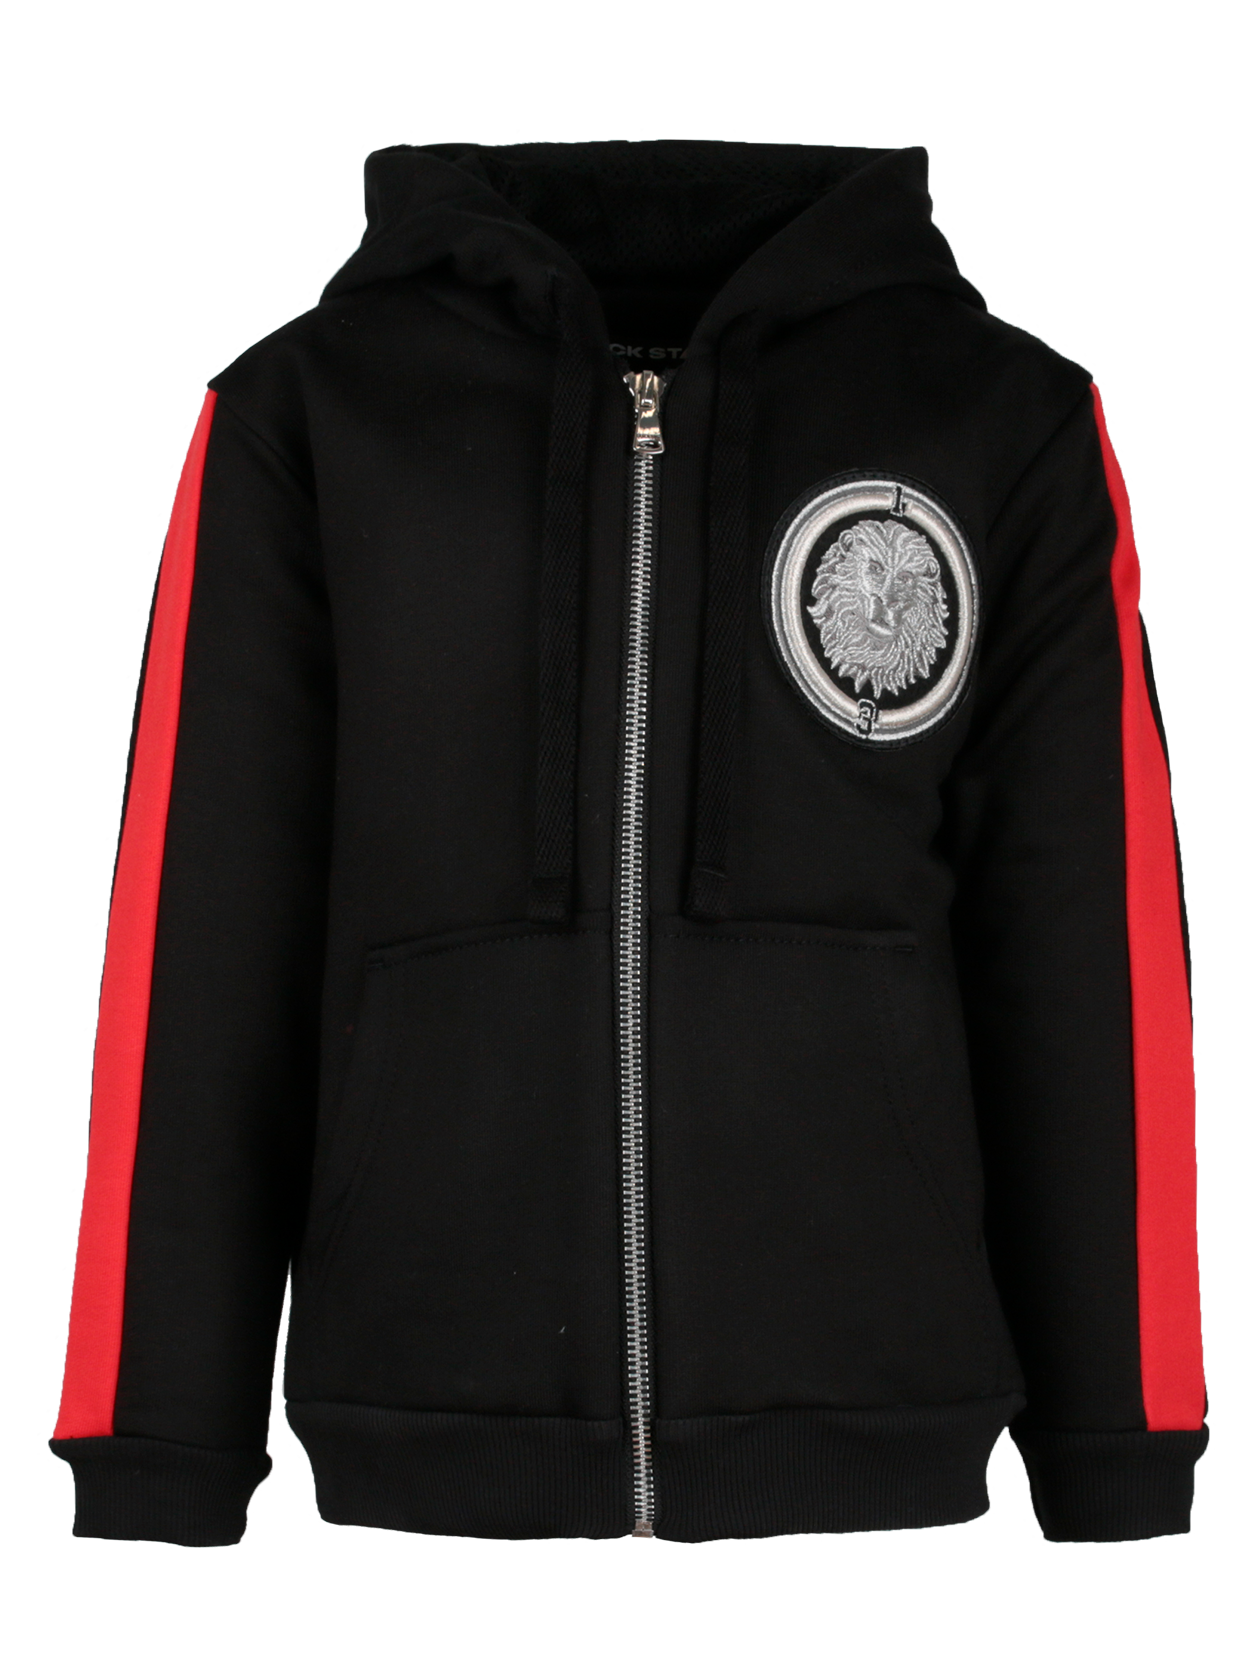 Костюм спортивный детский ROYALTY BLACK STARСтильный и практичный костюм спортивный детский Royalty Black Star станет незаменимой вещью в повседневном гардеробе. Лаконичная черная расцветка, дополненная красными вставками на рукавах, подходит для частой носки. Комплект представлен толстовкой на молнии с капюшоном и большими карманами. На груди оформлена круглая вышивка с головой льва в стилистике бренда Black Star. Манжеты и основание низа отделаны трикотажной резинкой высокого качества. Брюки имеют прямой силуэт, эластичный фиксирующий пояс и узкое голенище. Костюм спортивный создан из премиального хлопка.<br><br>Размер: 7-8 years<br>Цвет: Черный<br>Пол: Унисекс